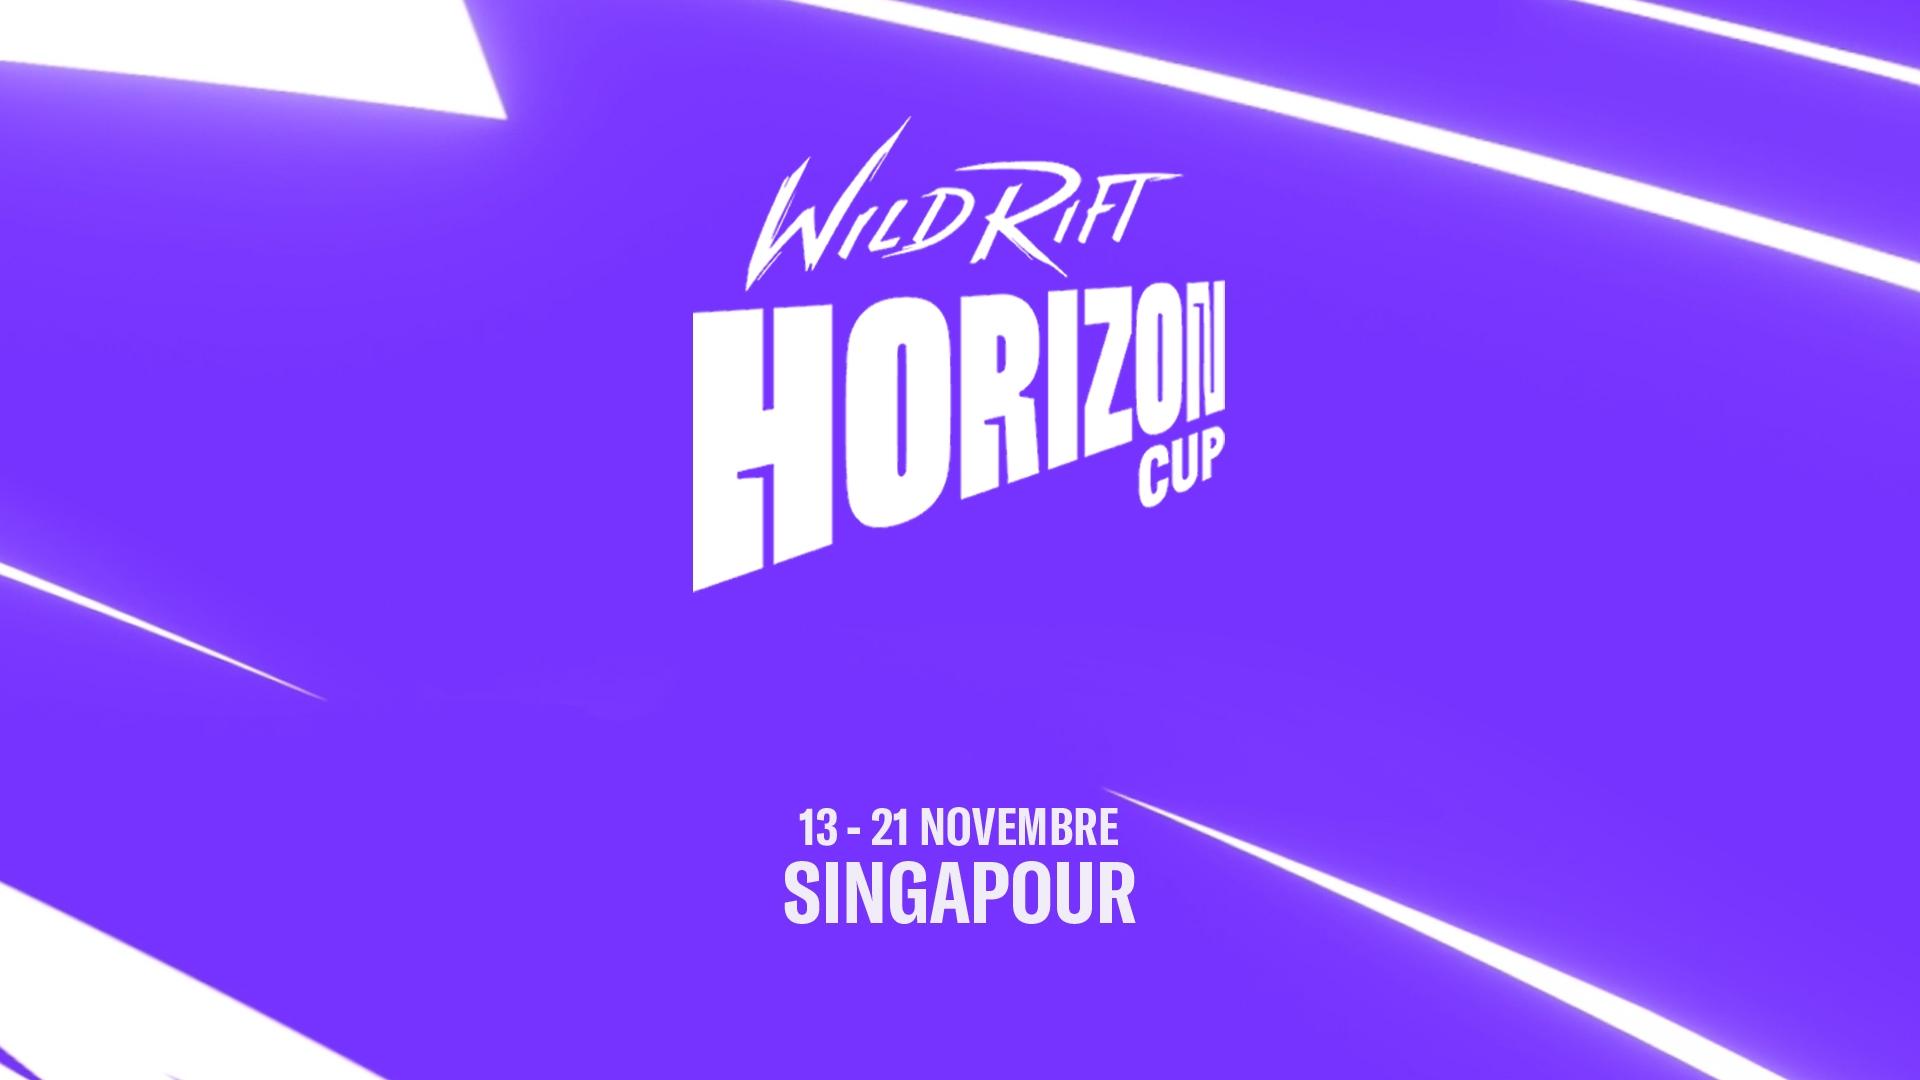 Présentation de la Wild Rift: Horizon Cup